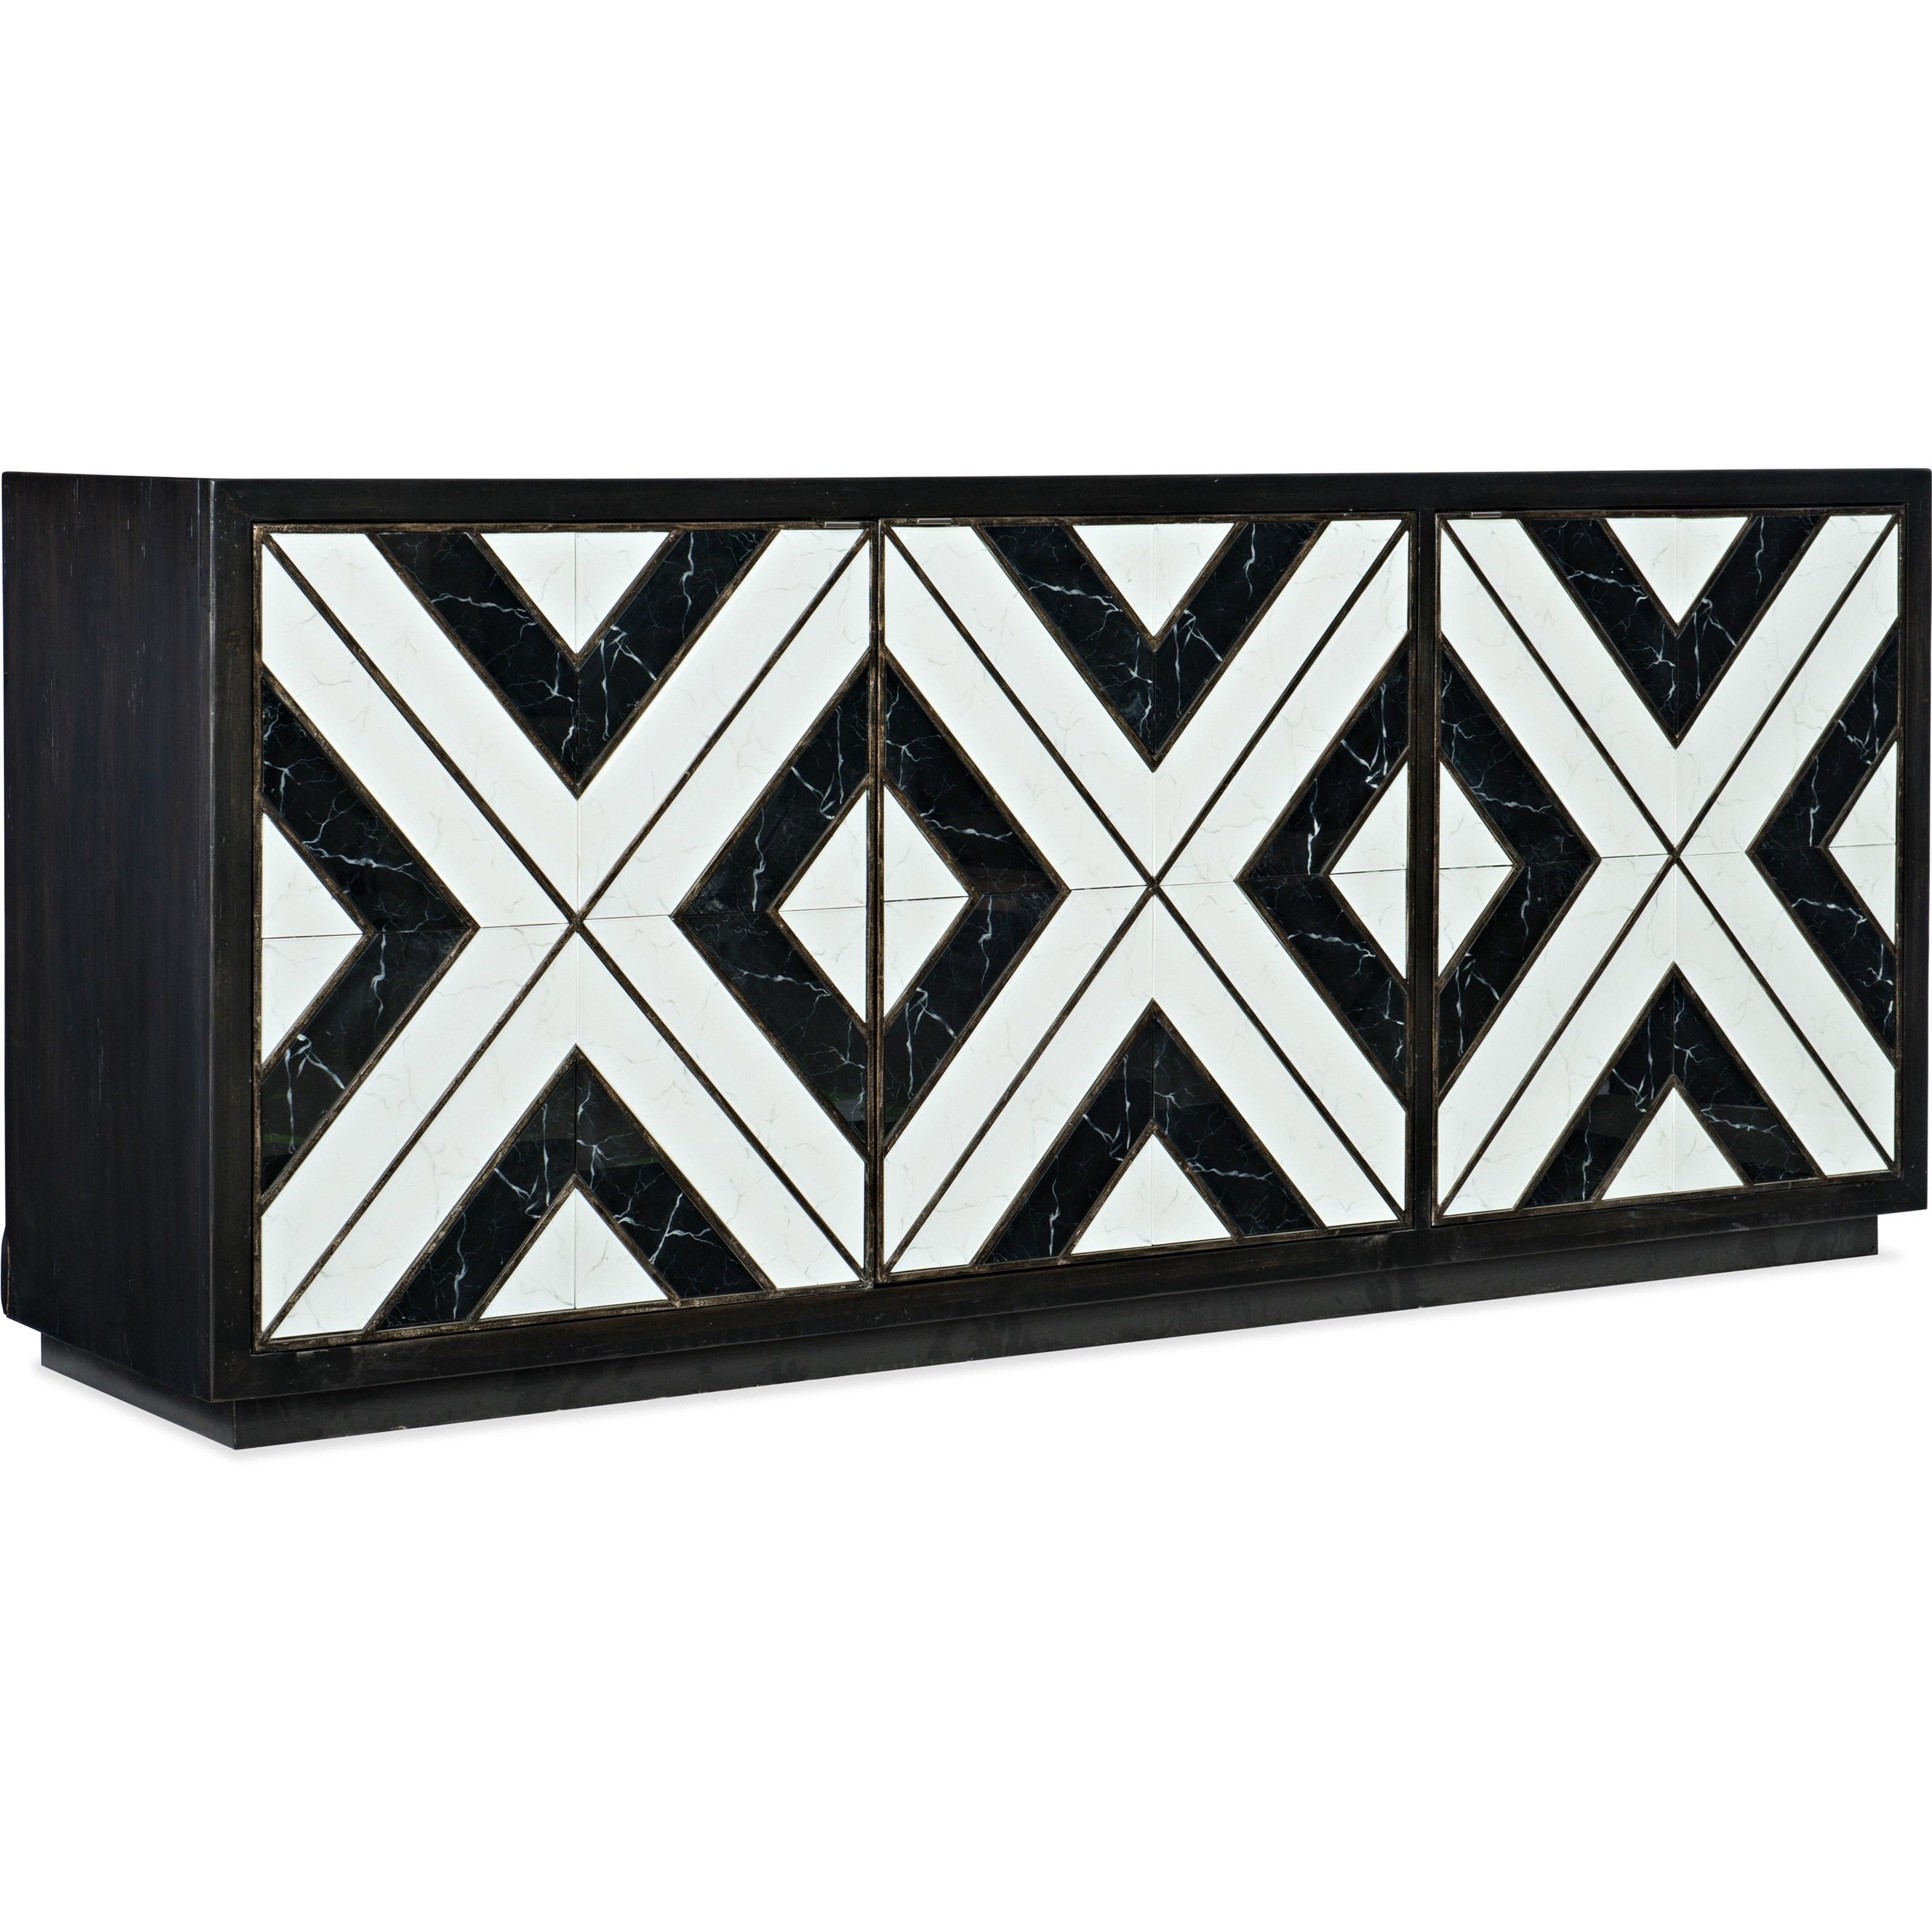 Sanctuary Noir Et Blanc Entertainment Consol by Hooker Furniture at Goods Furniture